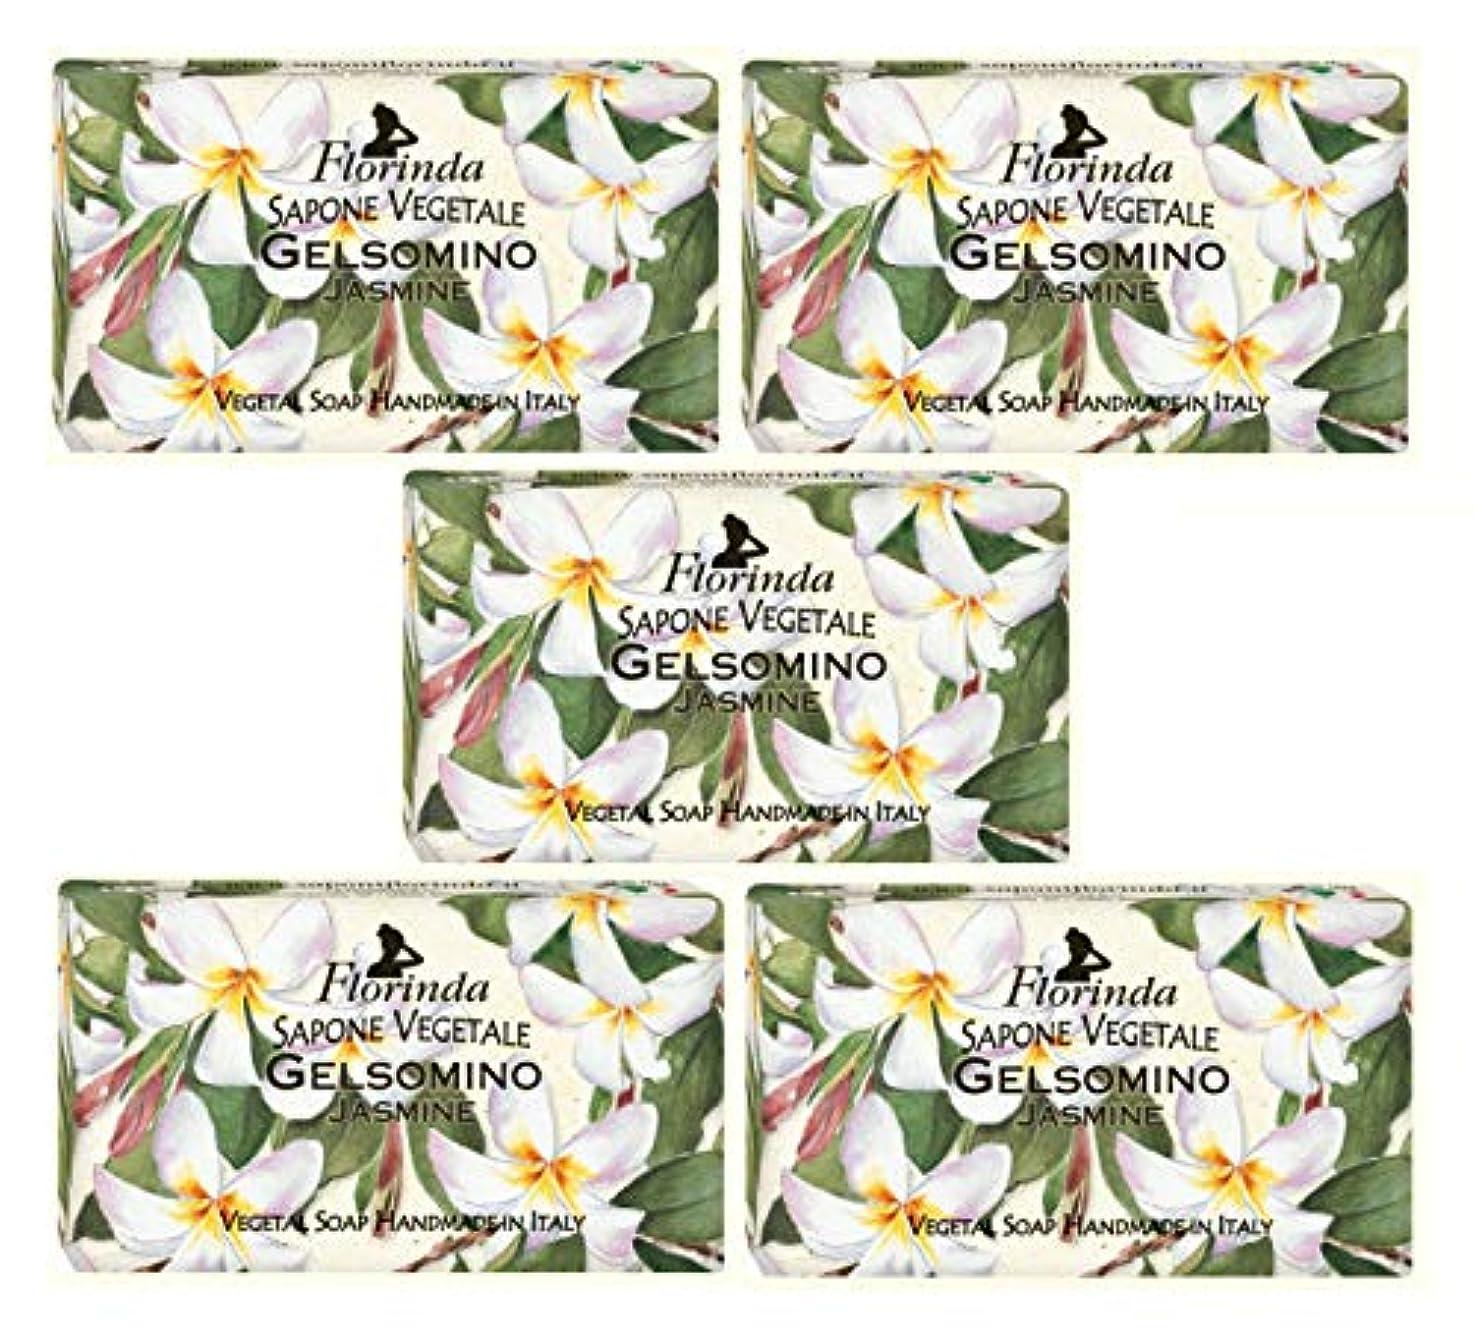 鳩れるケントフロリンダ フレグランスソープ 固形石けん 花の香り ジャスミン 95g×5個セット